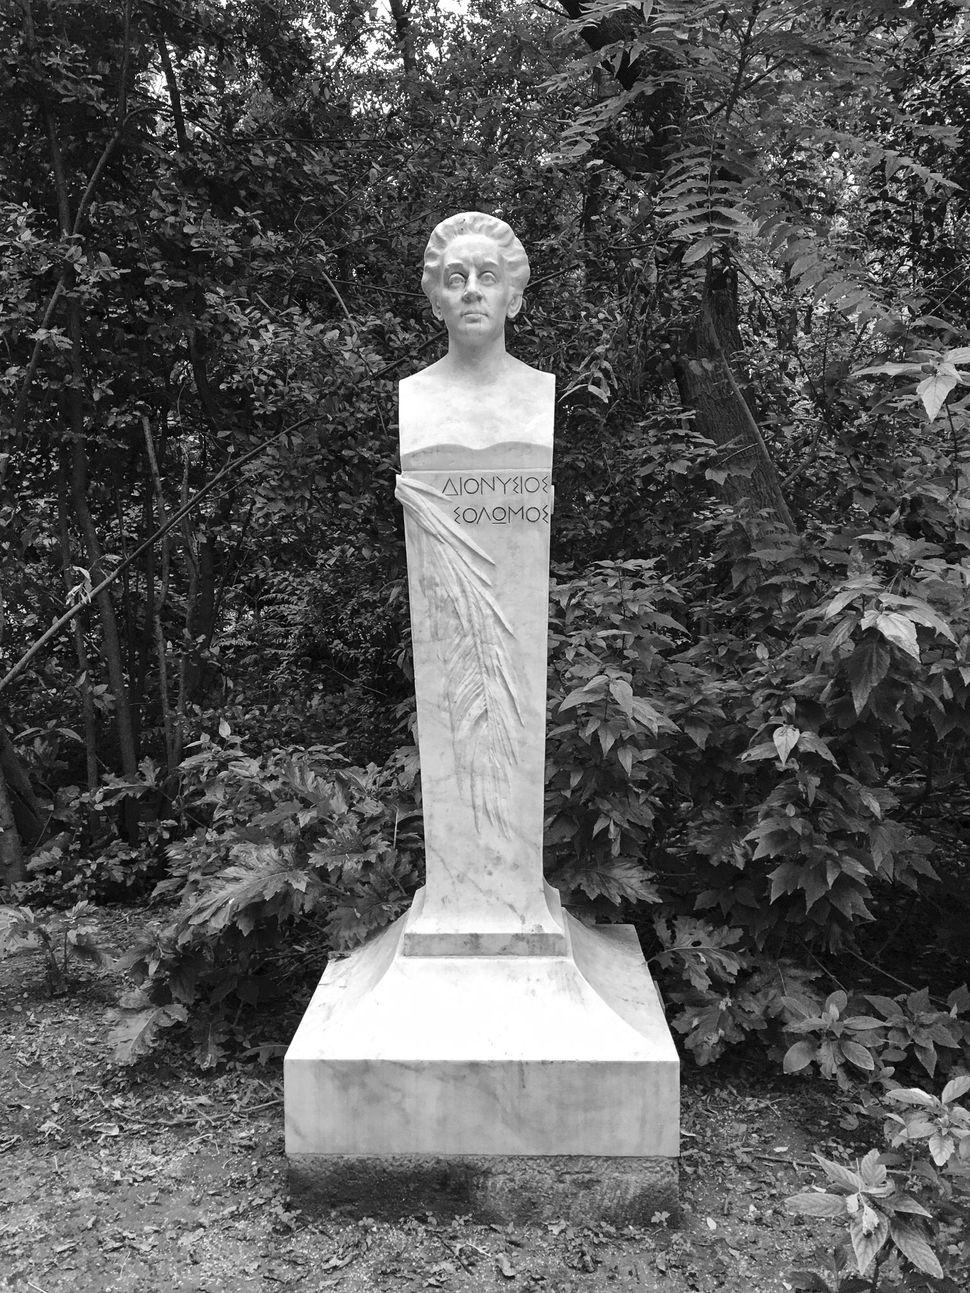 Θωμά Μ. Θωμόπουλου,Διονύσιος Σολωμός, 1925,μάρμαρο, Εθνικός Κήπος.